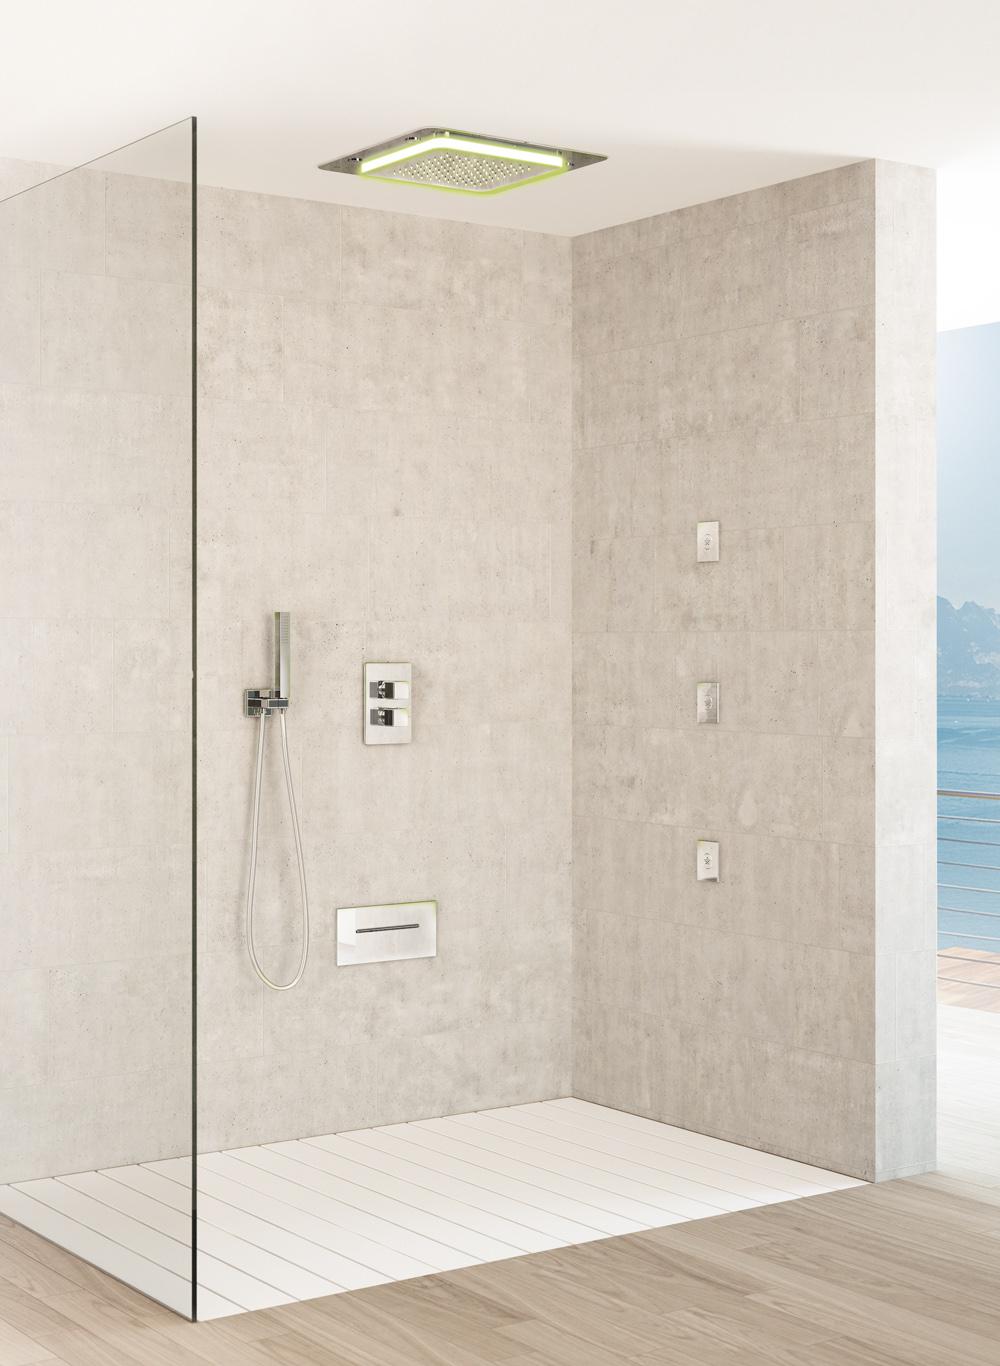 多機能シャワーヘッドシャワーPlayoneは、天井が凹んだ横ボディジェットシャワーヘッド